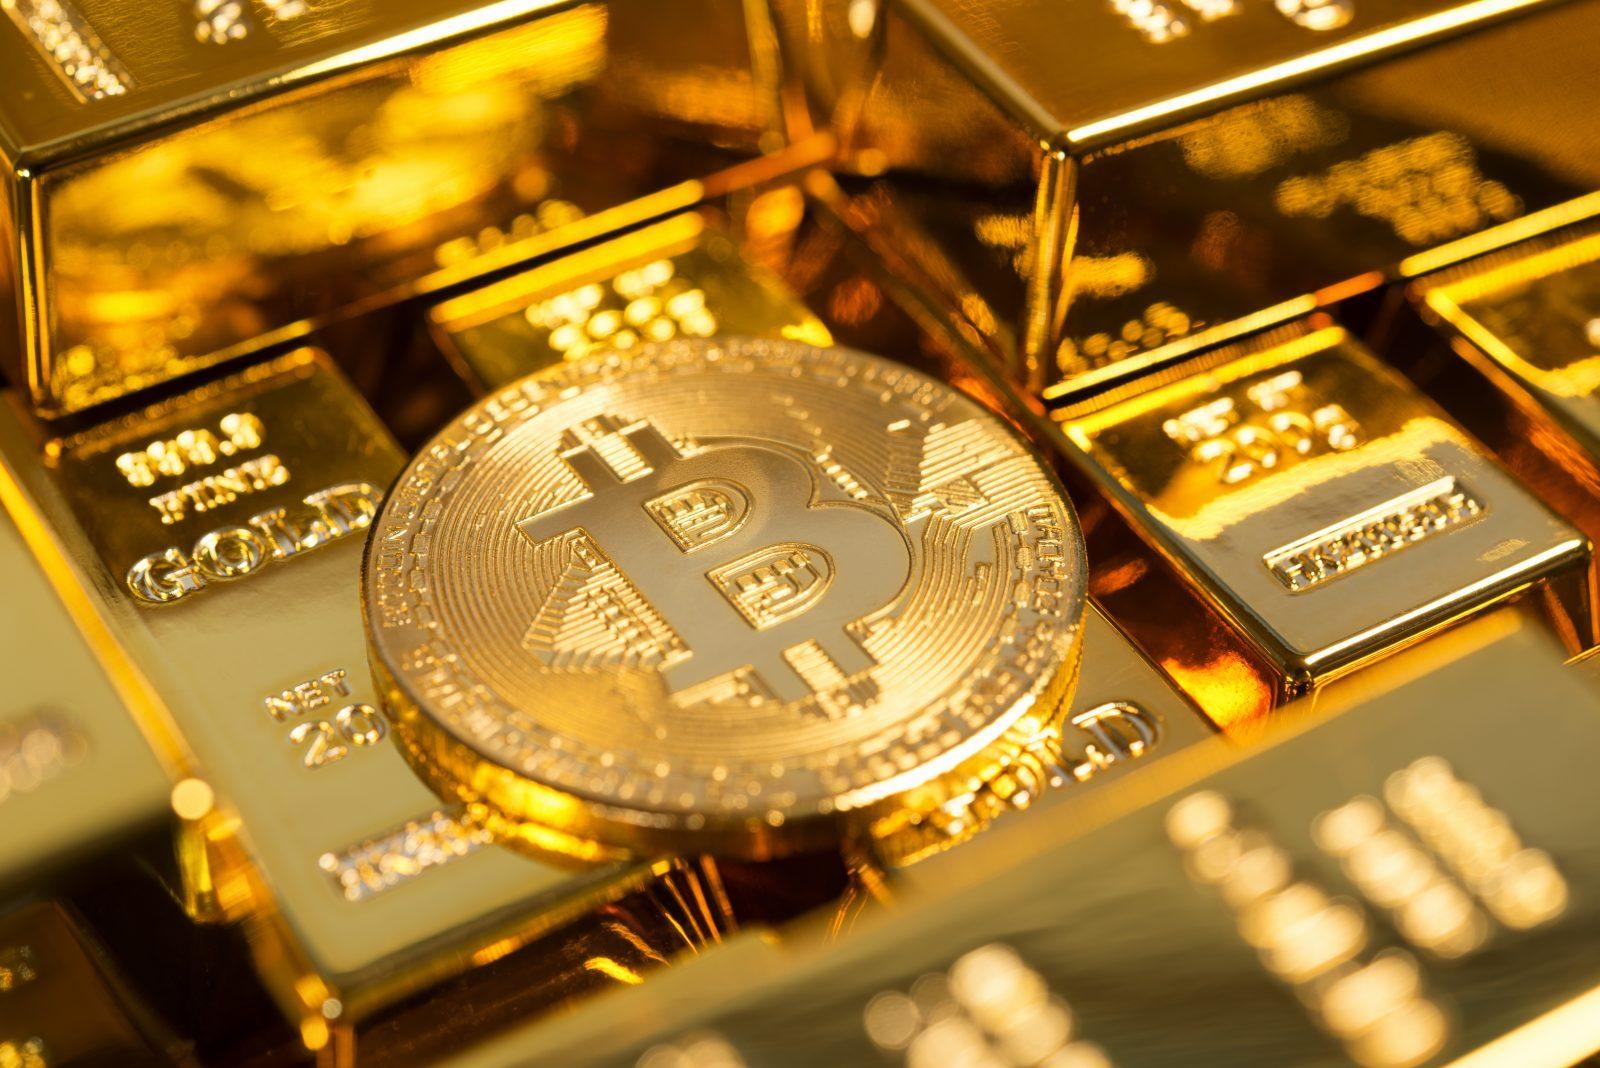 'Sự biến động của tiền điện tử sẽ khiến nhà đầu tư quay trở lại với vàng' - Ảnh 1.